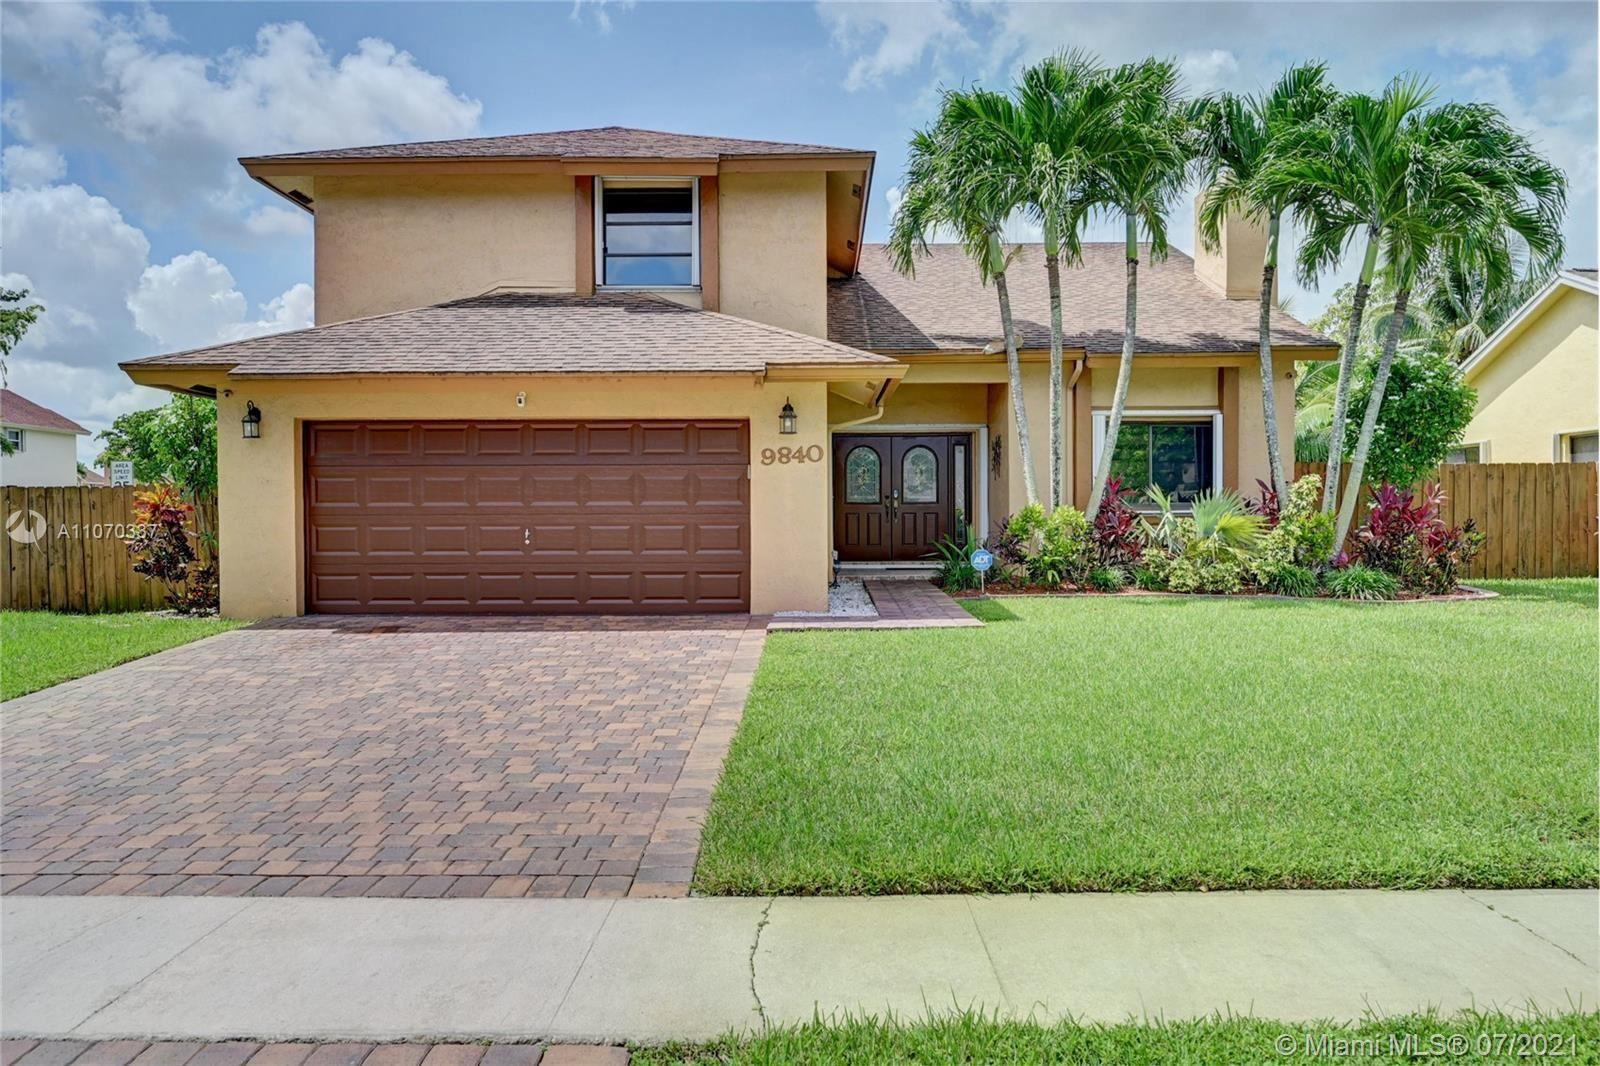 9840 SW 8th St, Pembroke Pines, FL 33025 - #: A11070337